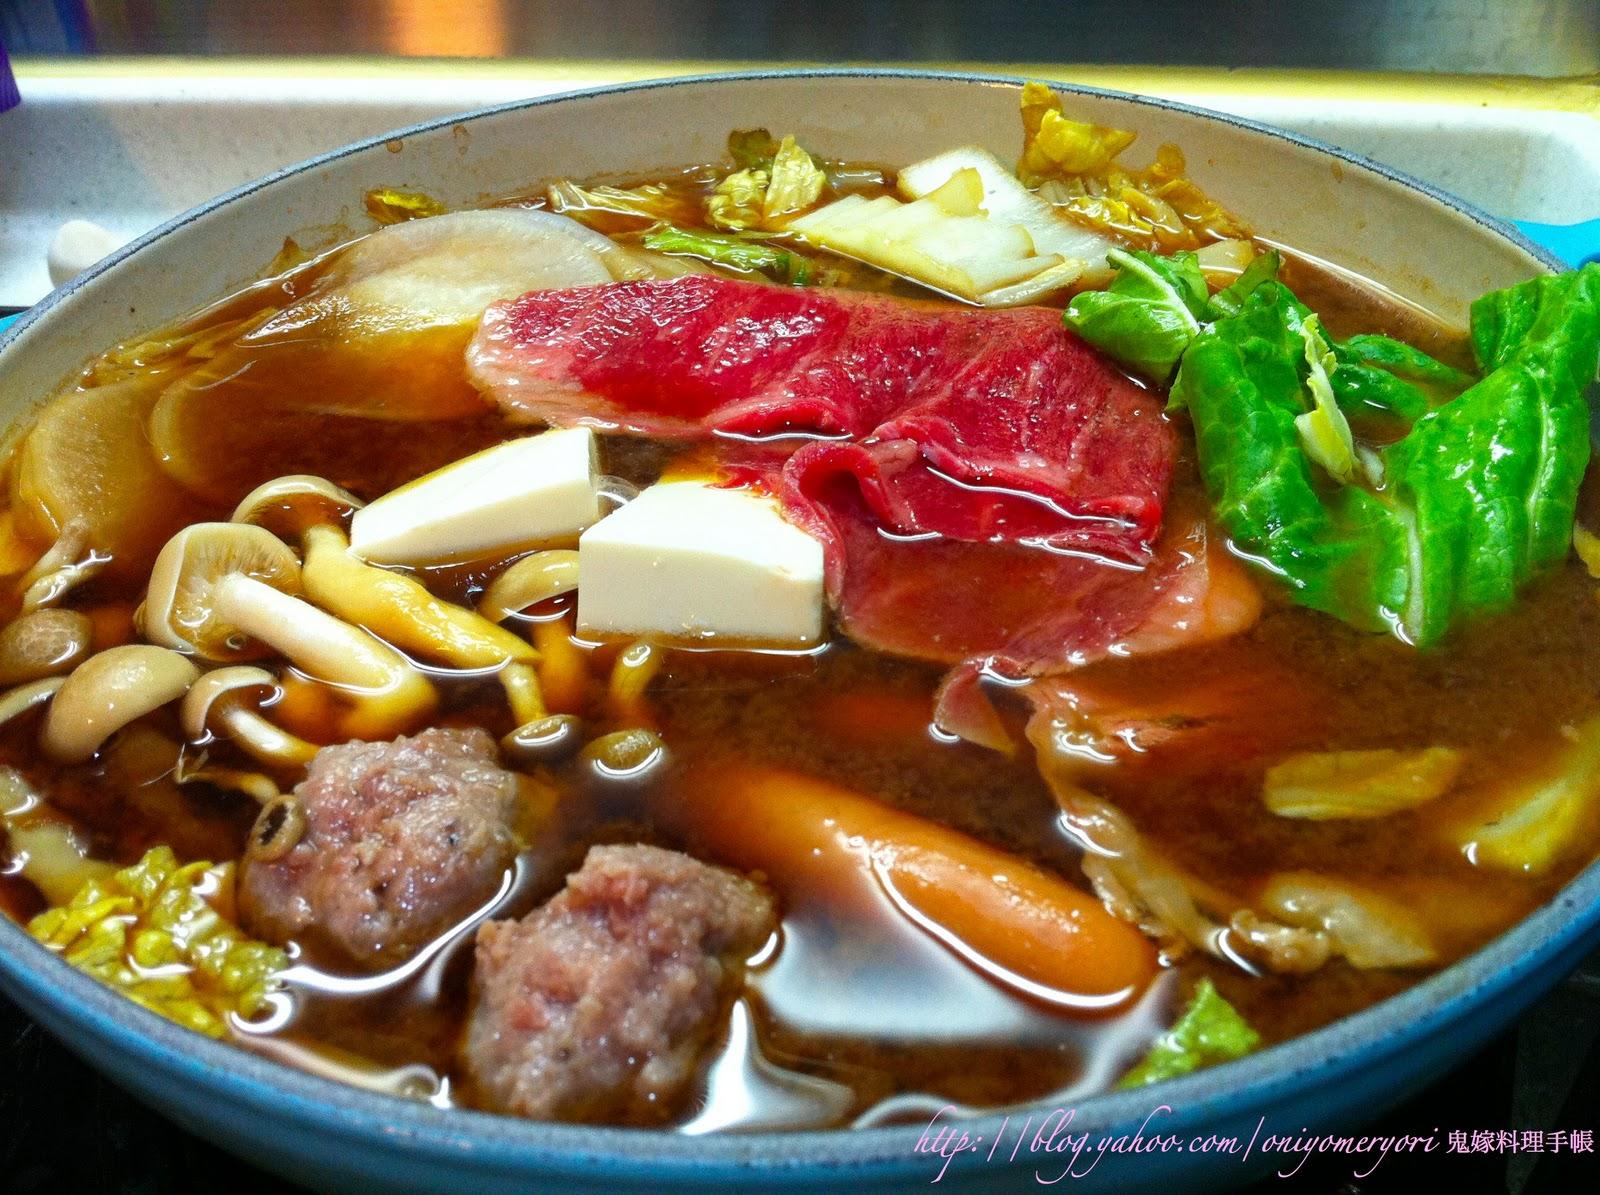 鬼嫁料理手帳: 簡易赤味噌火鍋(附食譜)